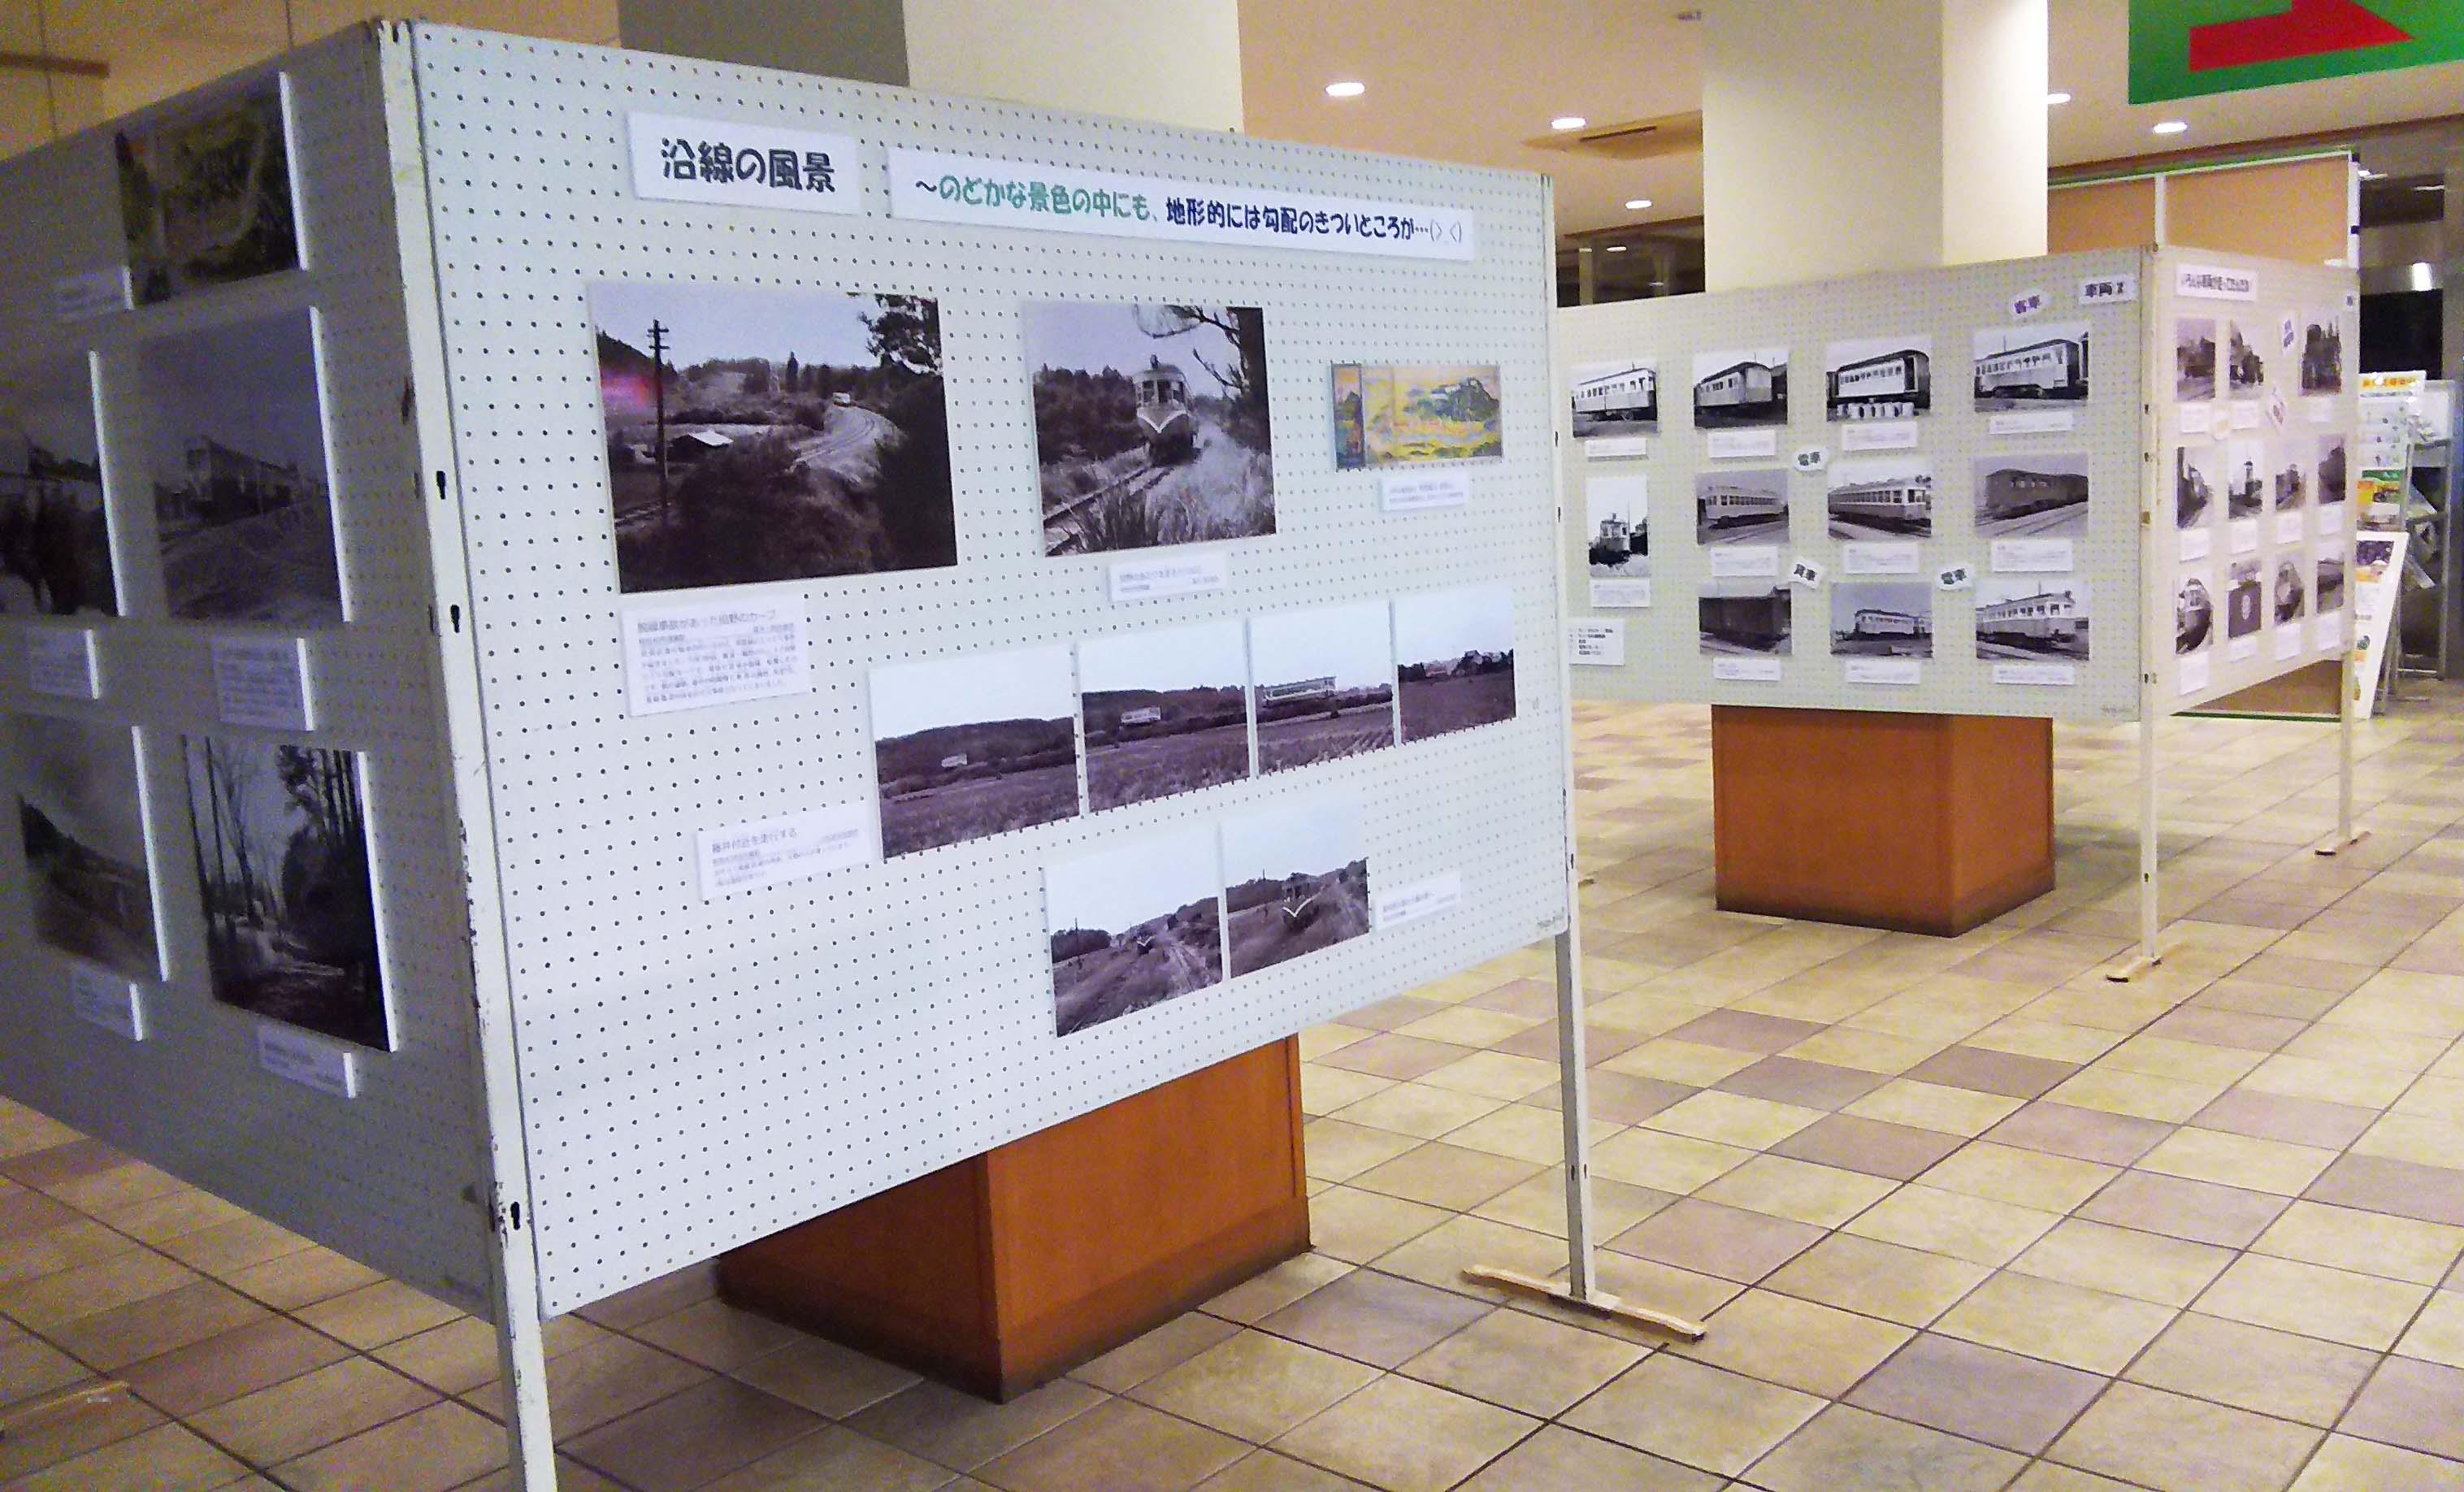 『茨城鉄道 展示の様子 ホロルの湯2』の画像